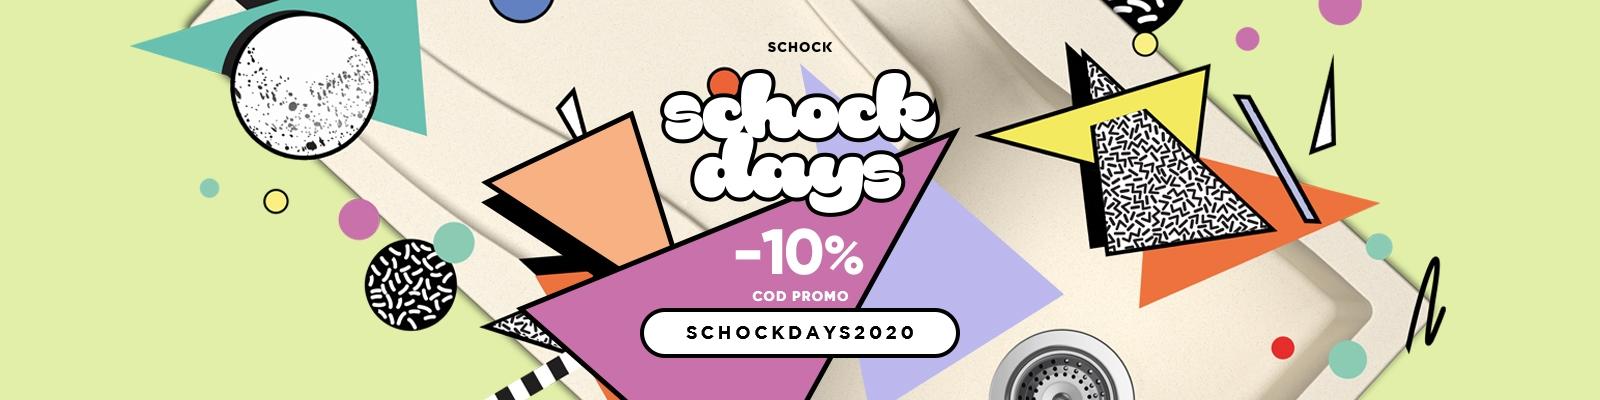 SCHOCK Days 2020 - Cod promotional: SCHOCKDAYS2020